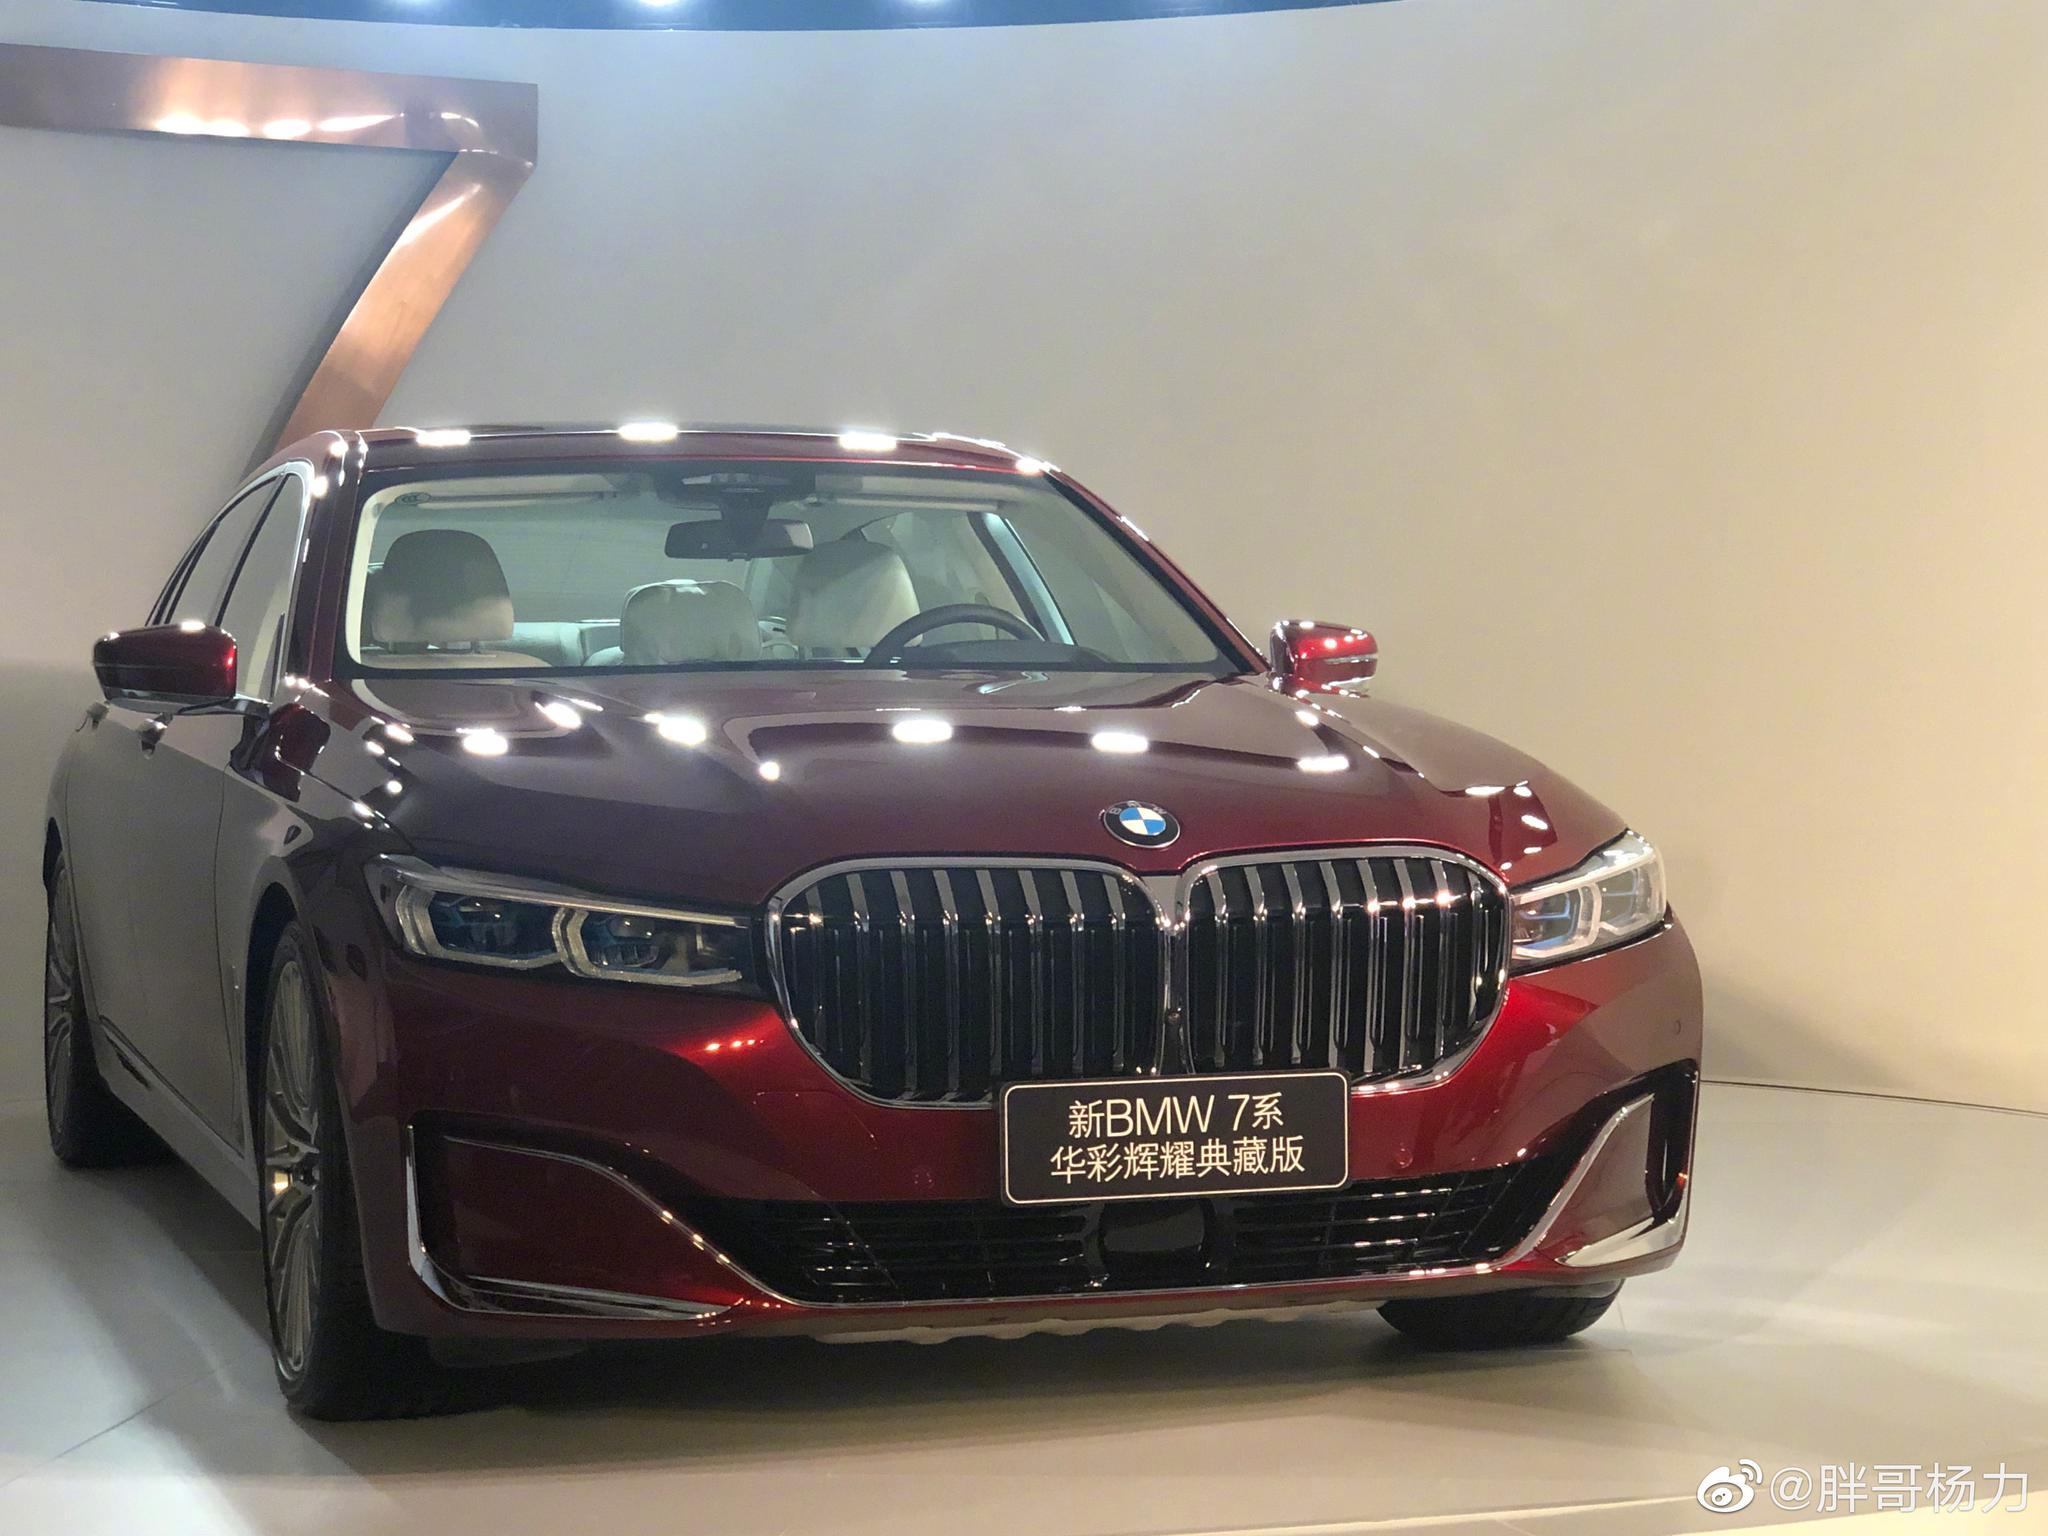 宝马刚刚发布了献礼国庆70周年的车型——新BMW 7系华彩辉耀典藏版